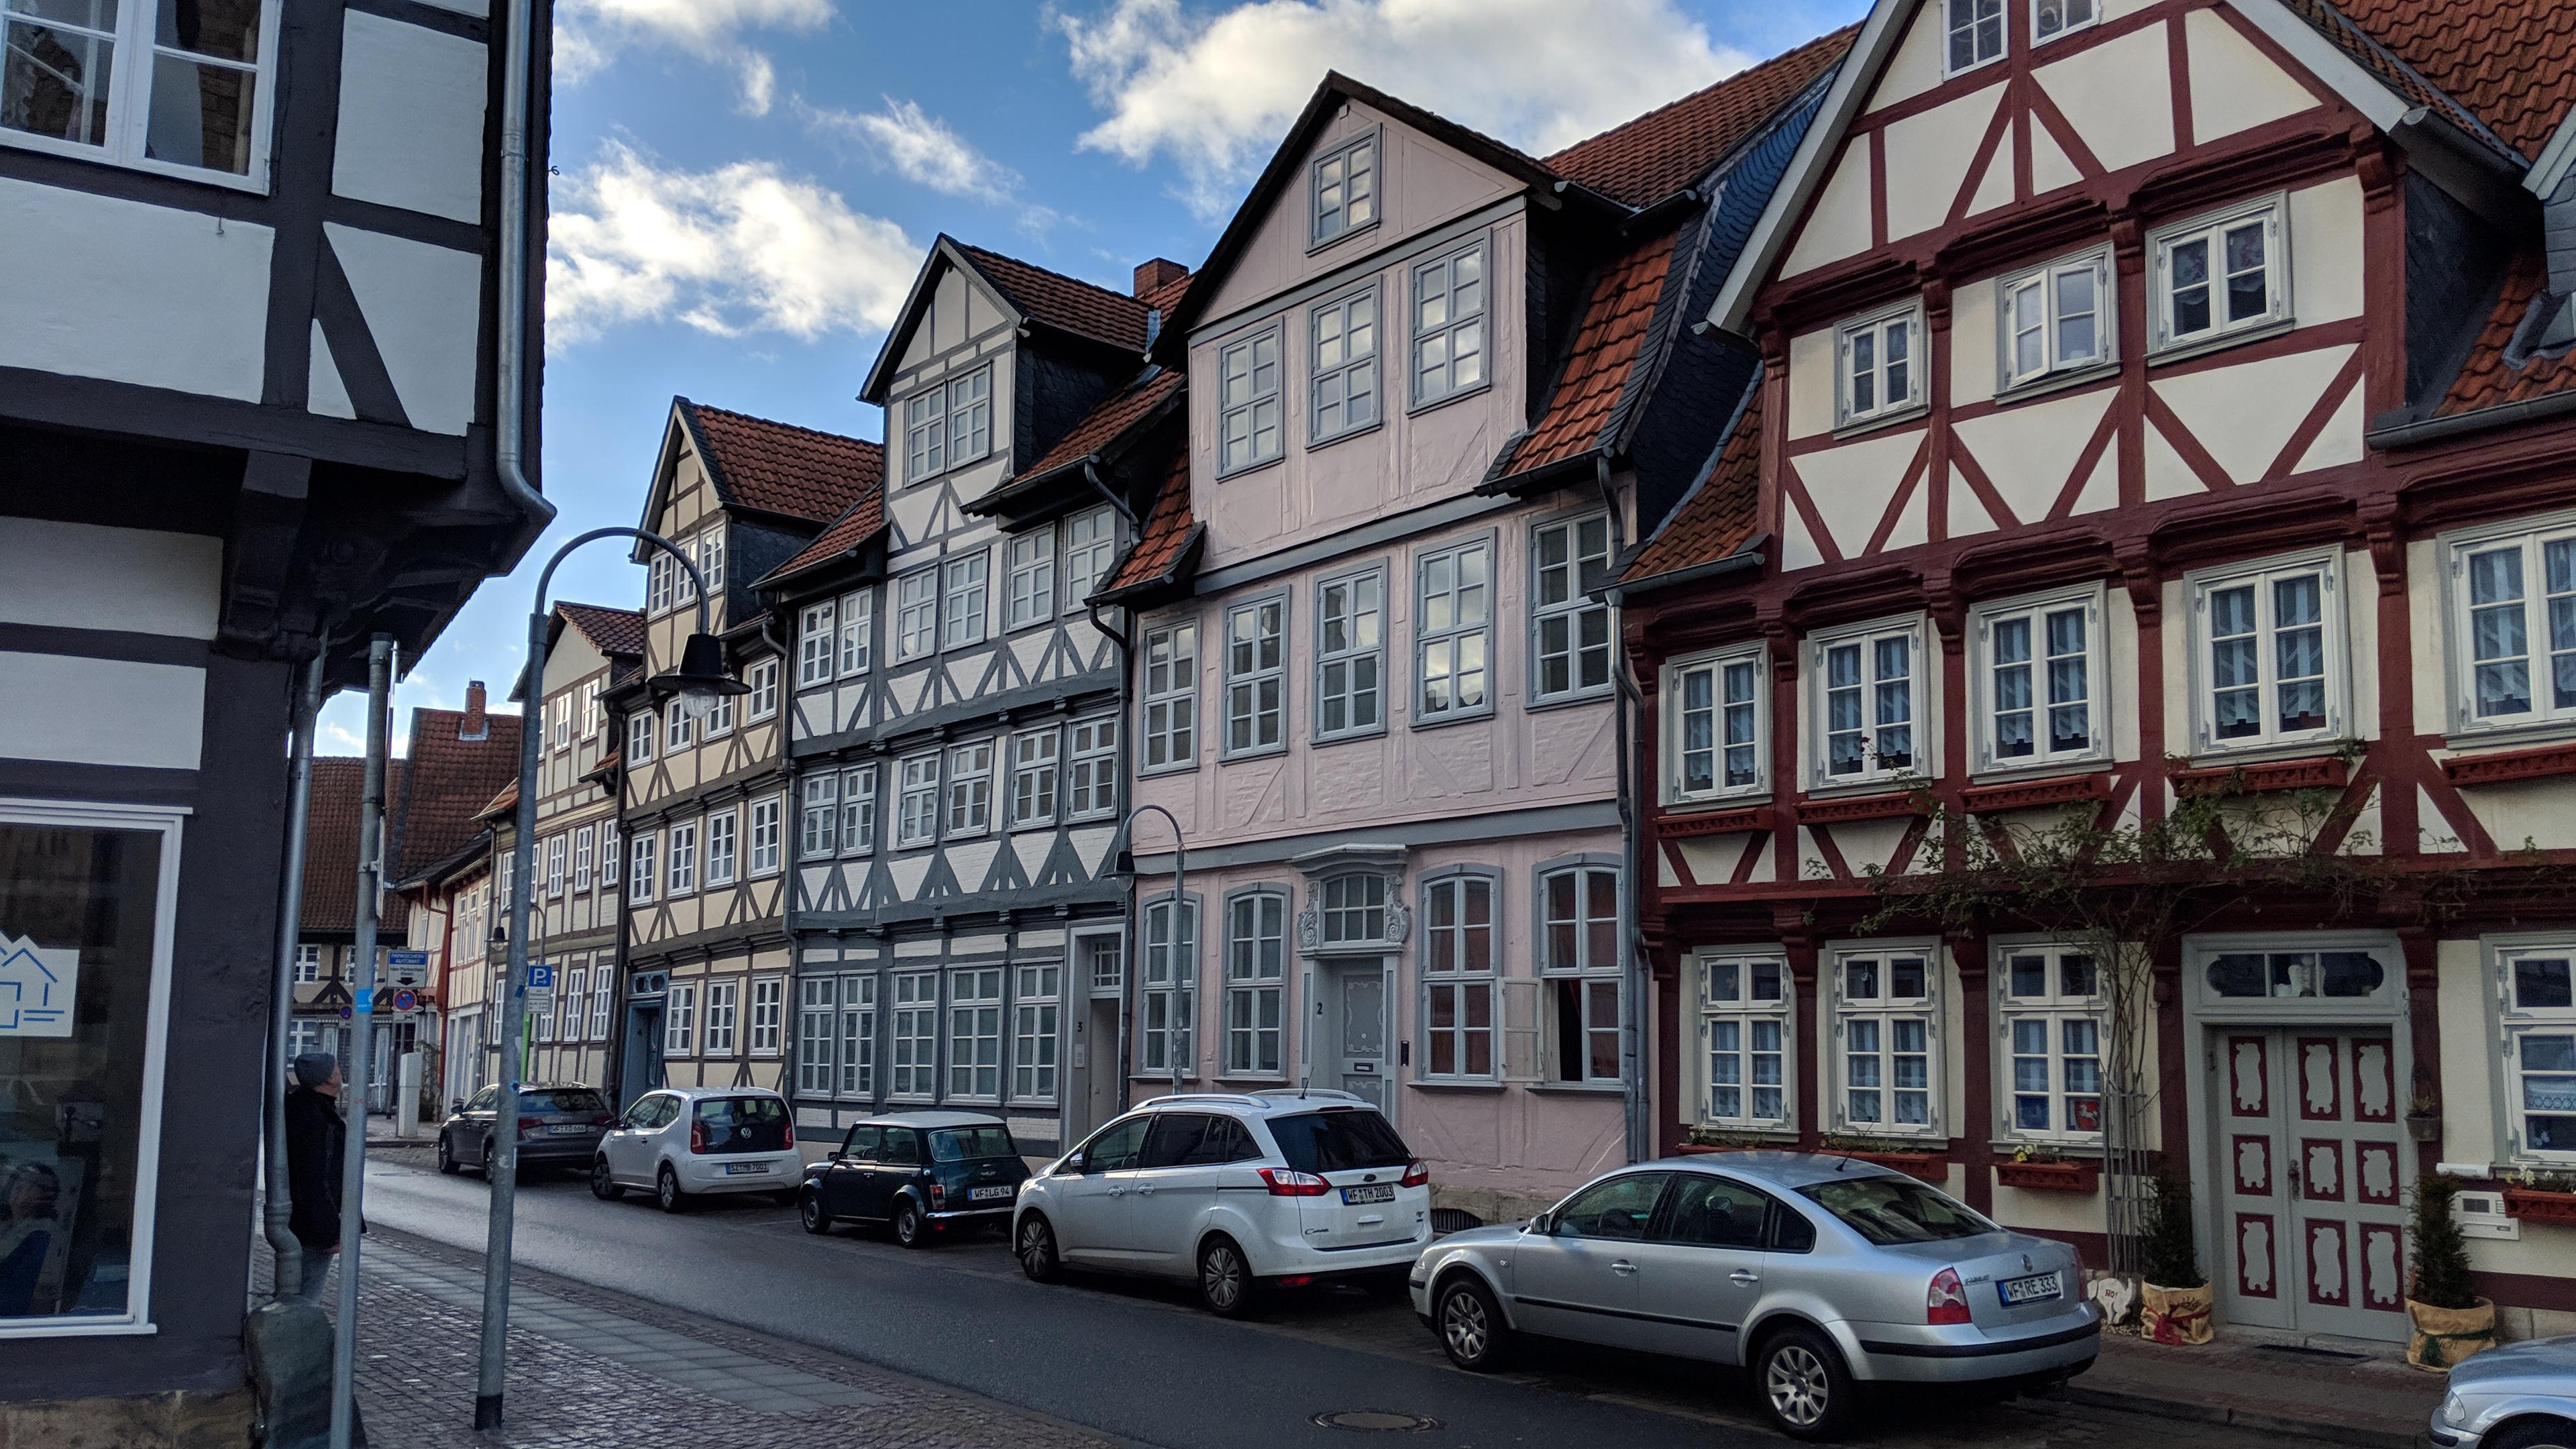 Wohnung Mieten In Wolfenbüttel : wohnen im zentrum von wolfenb ttel 5 wohneinheiten eigenheim38 ~ Watch28wear.com Haus und Dekorationen